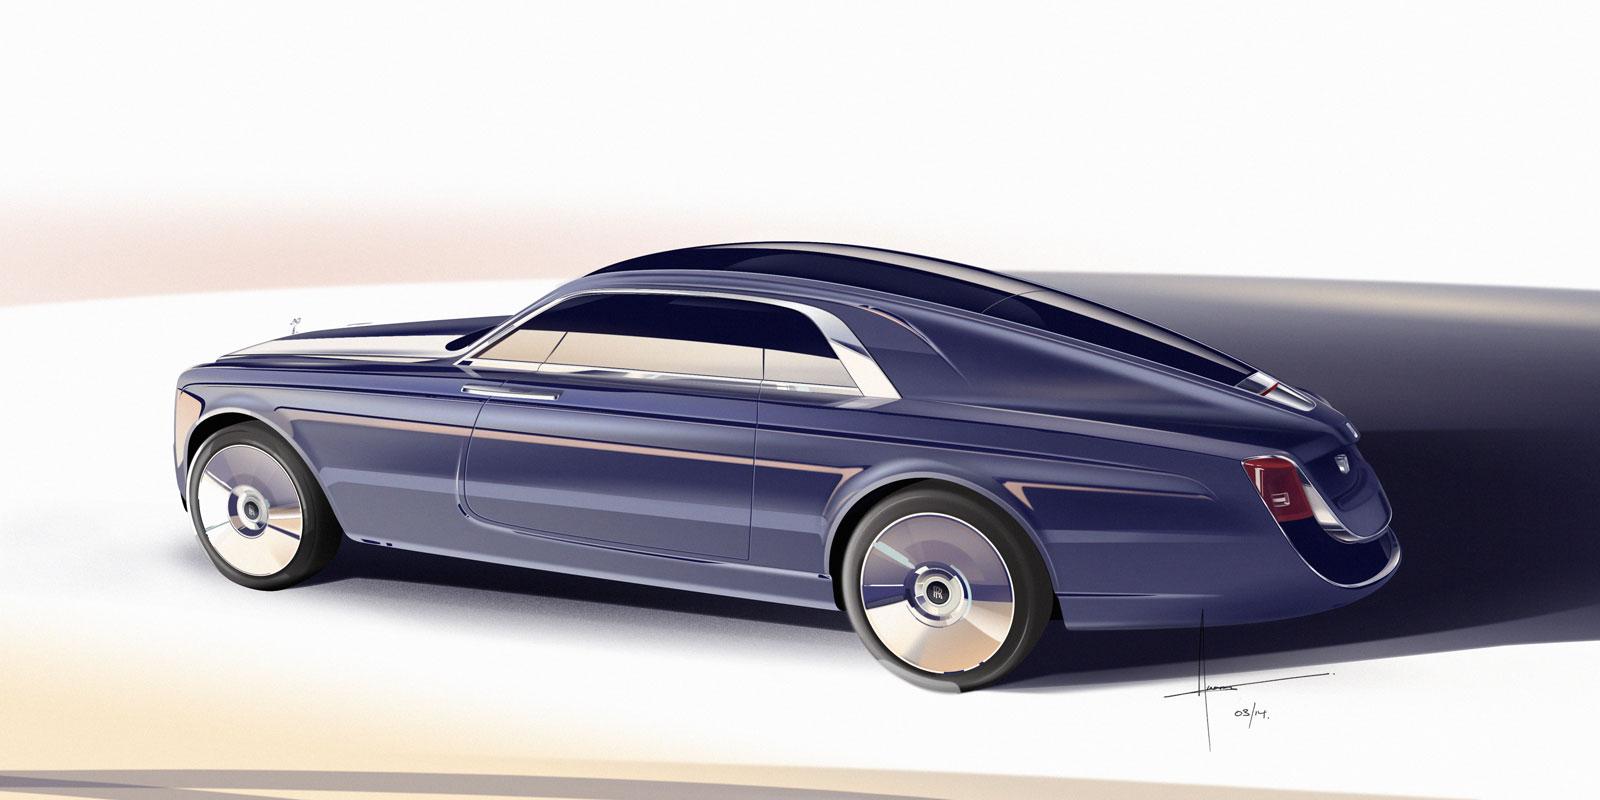 Rolls Royce Sweptail Design Sketch Render Car Body Design